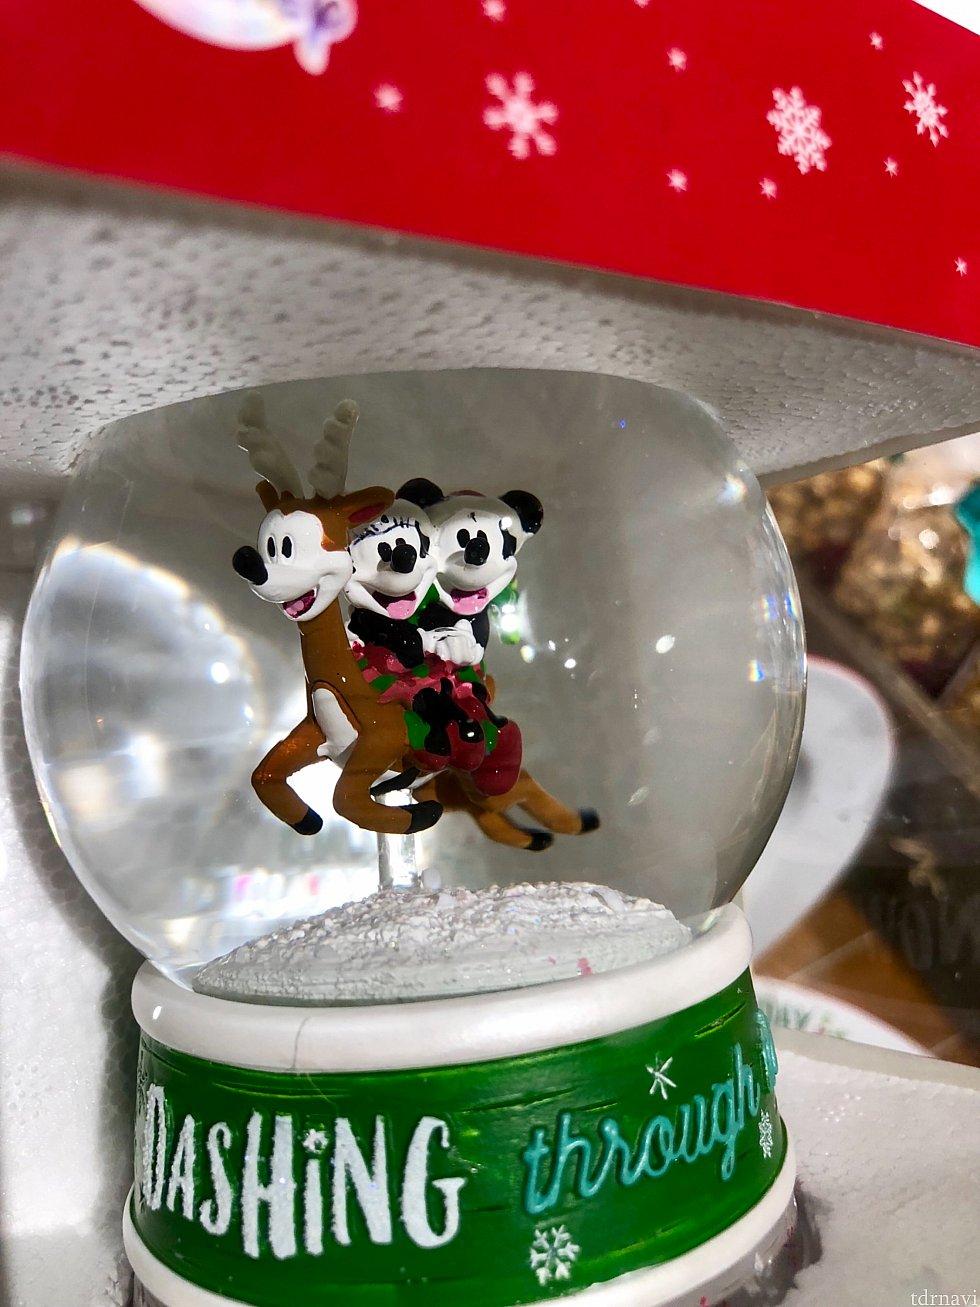 スノーボールはクリスマスが一番映えますね。レポ第1弾でご紹介したミッキーフェイスのトナカイ君が再登場です。$34.99